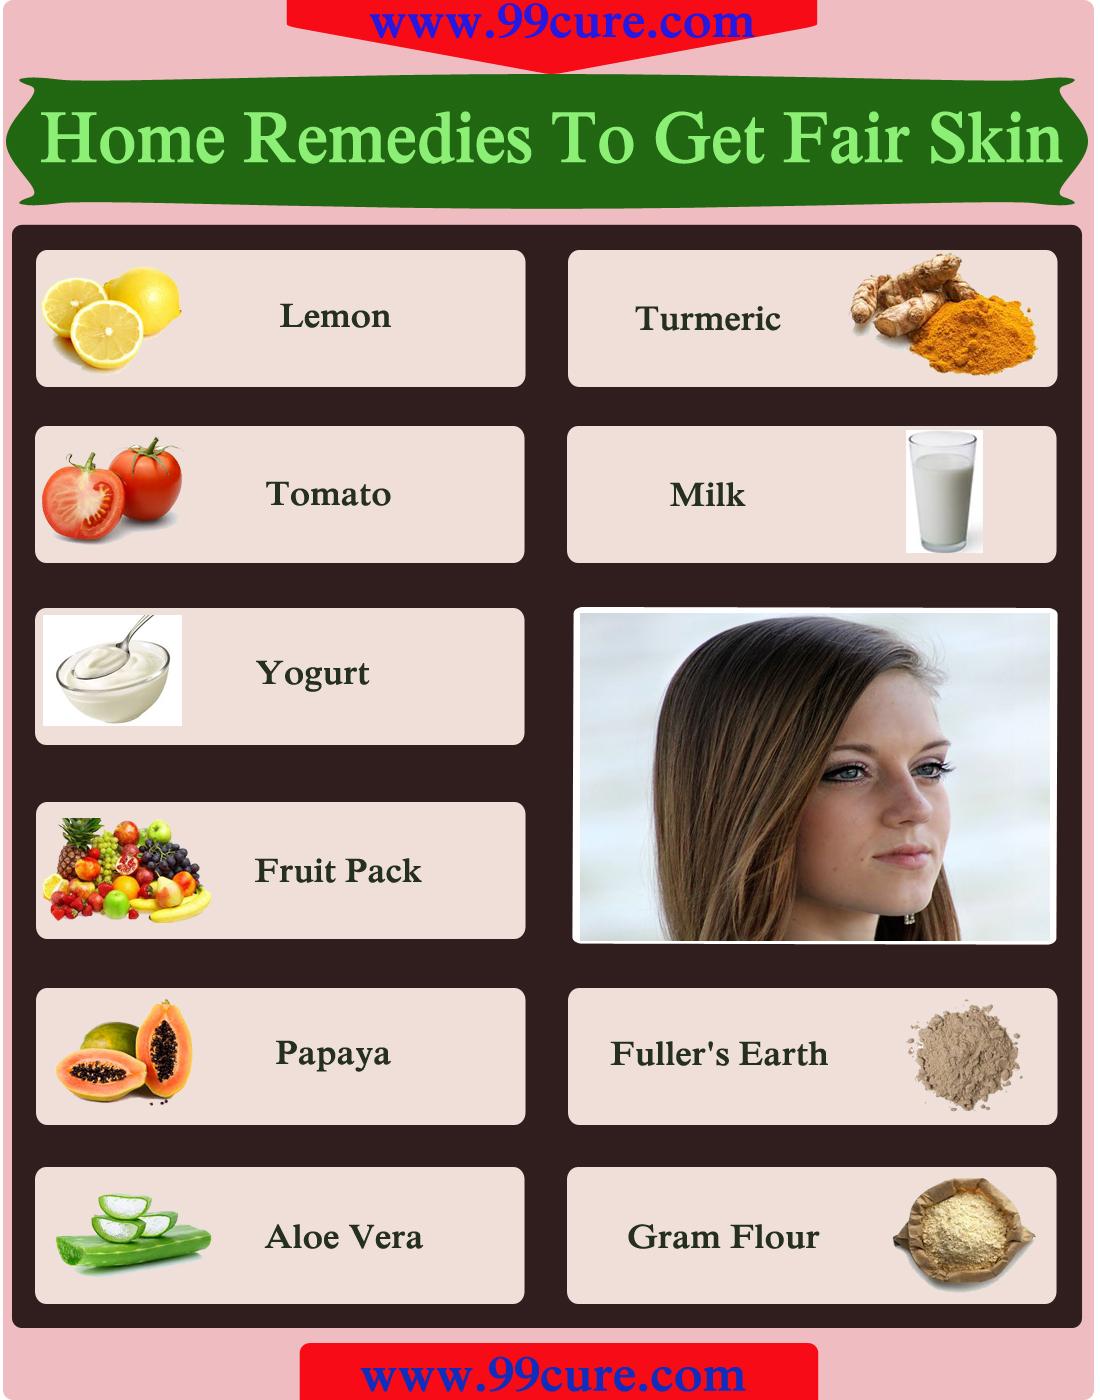 Home Remedies To Get Fair Skin